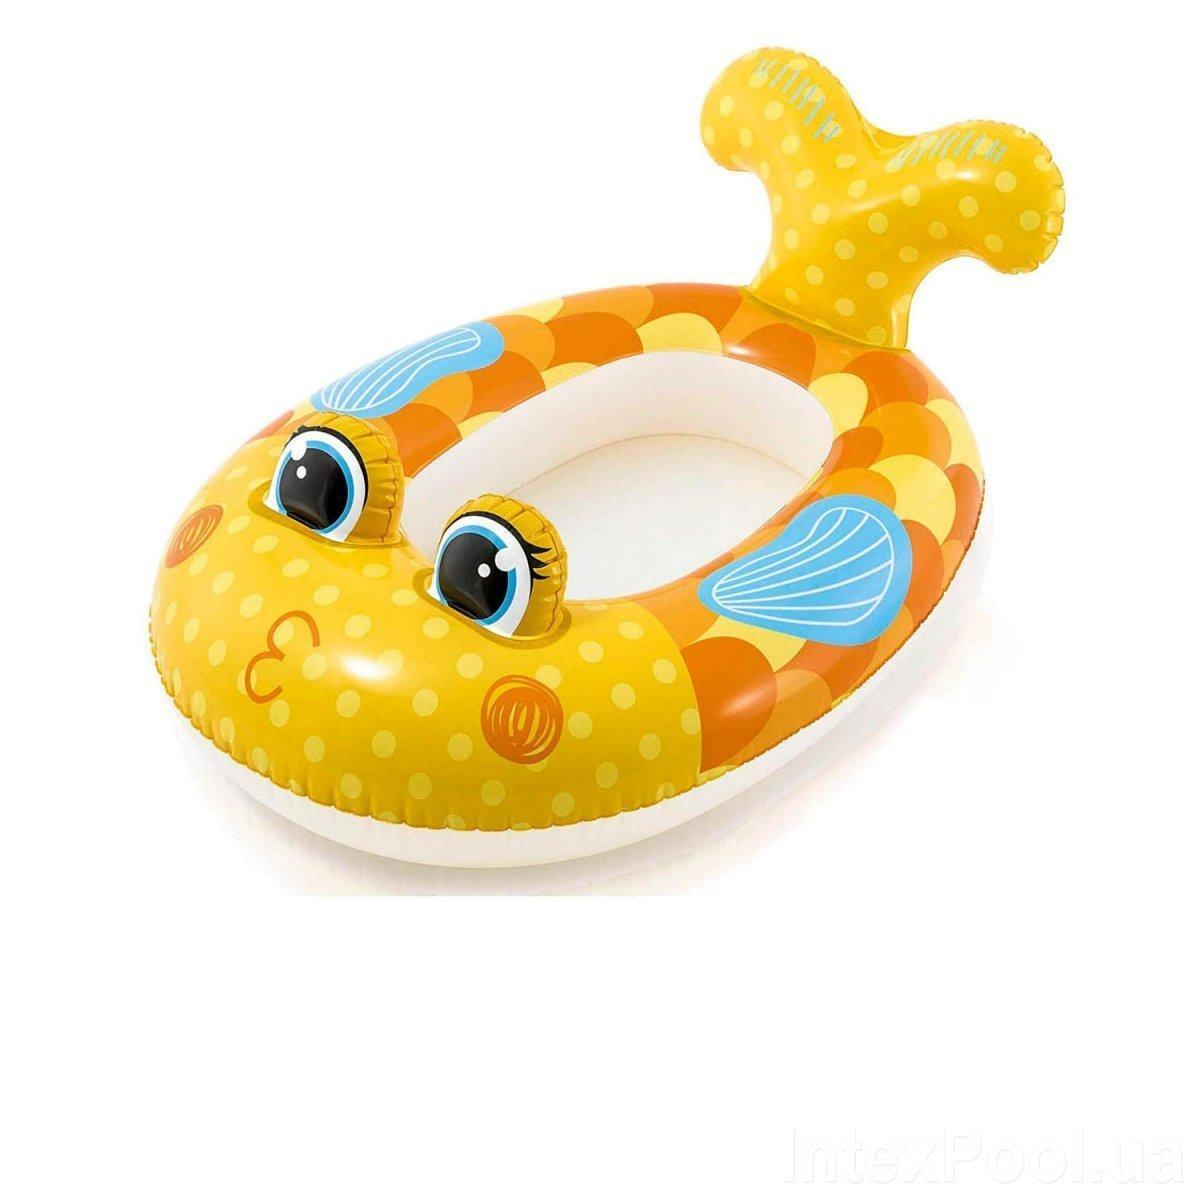 Детский надувной плавательный круг лодка для плавания купания плотик рыбка желтая Intex 59380 100х97см